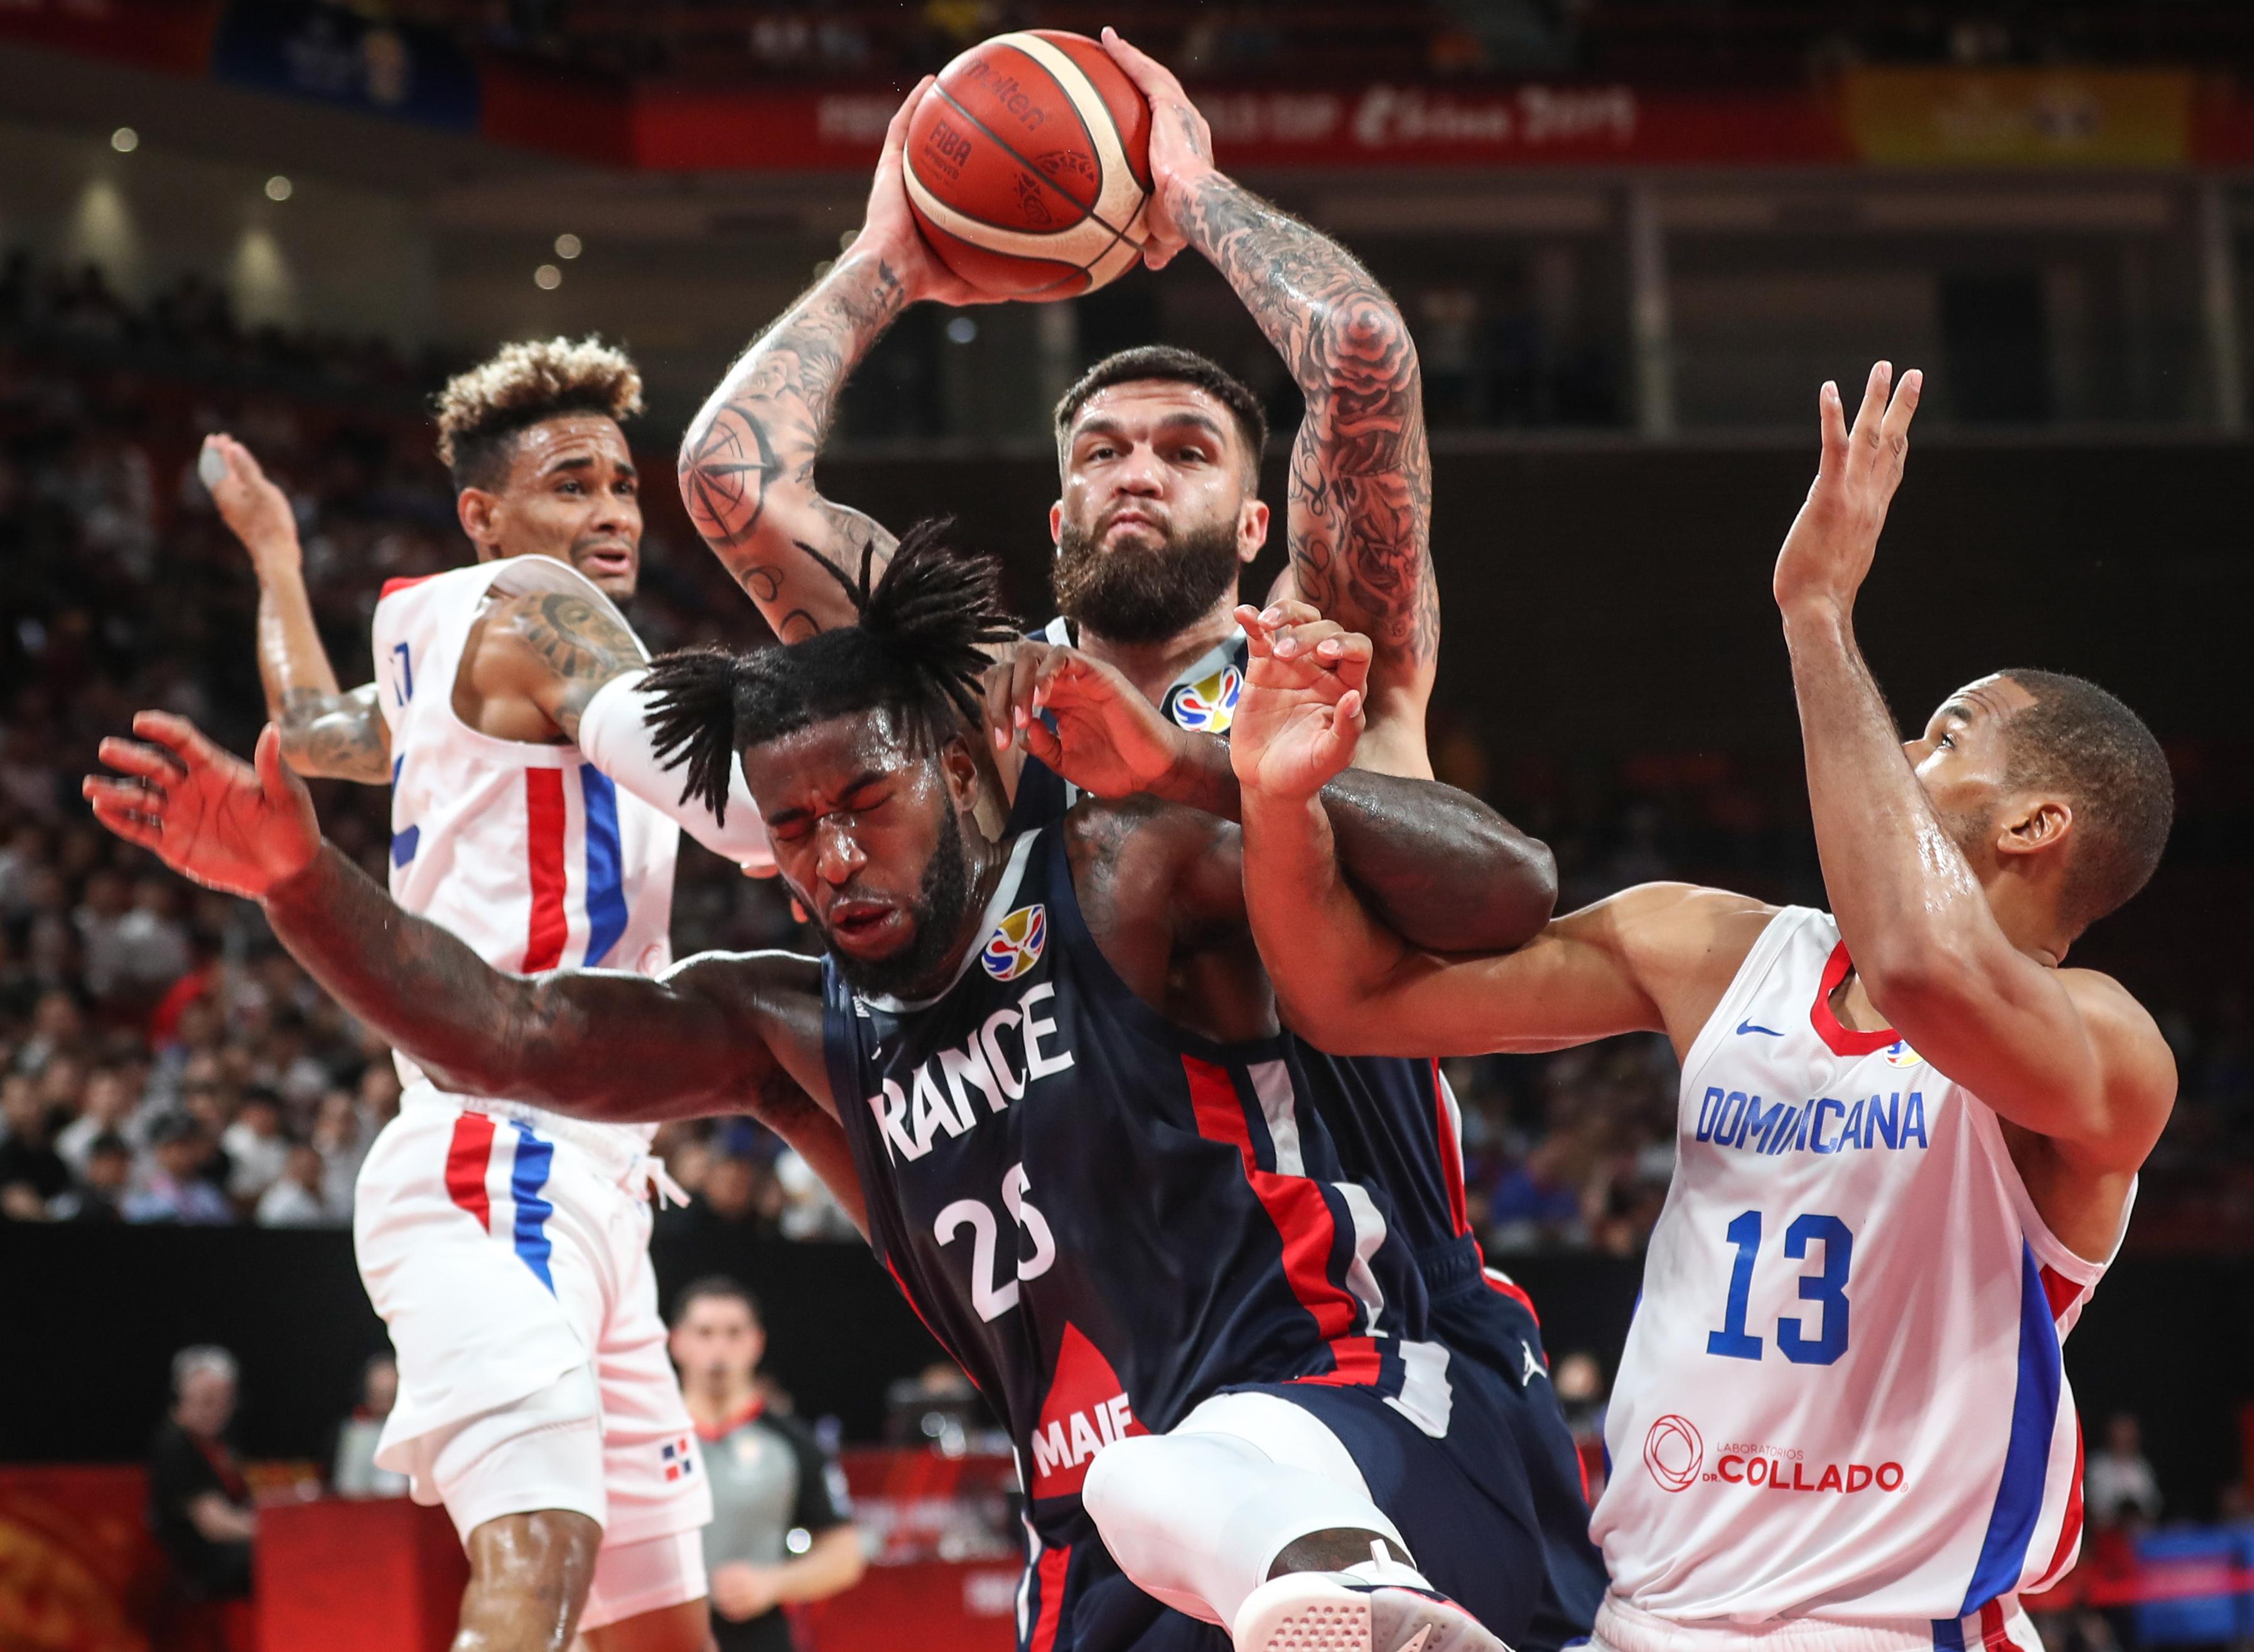 篮球——小组赛:法国队胜多米尼加队